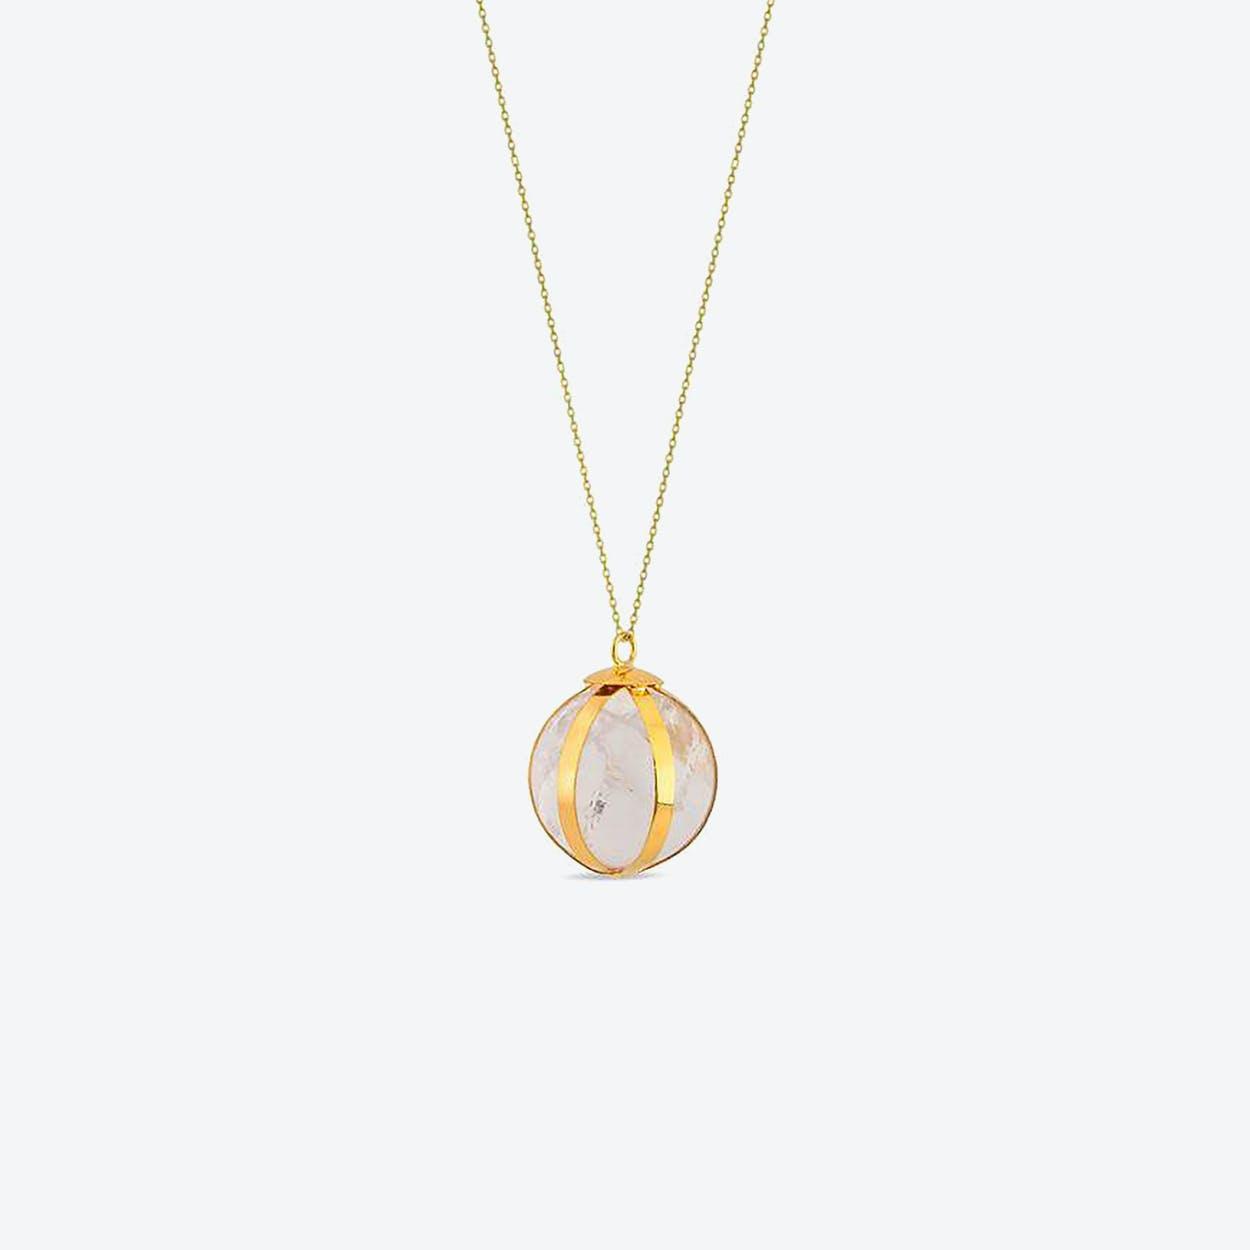 Quartz Ball Necklace